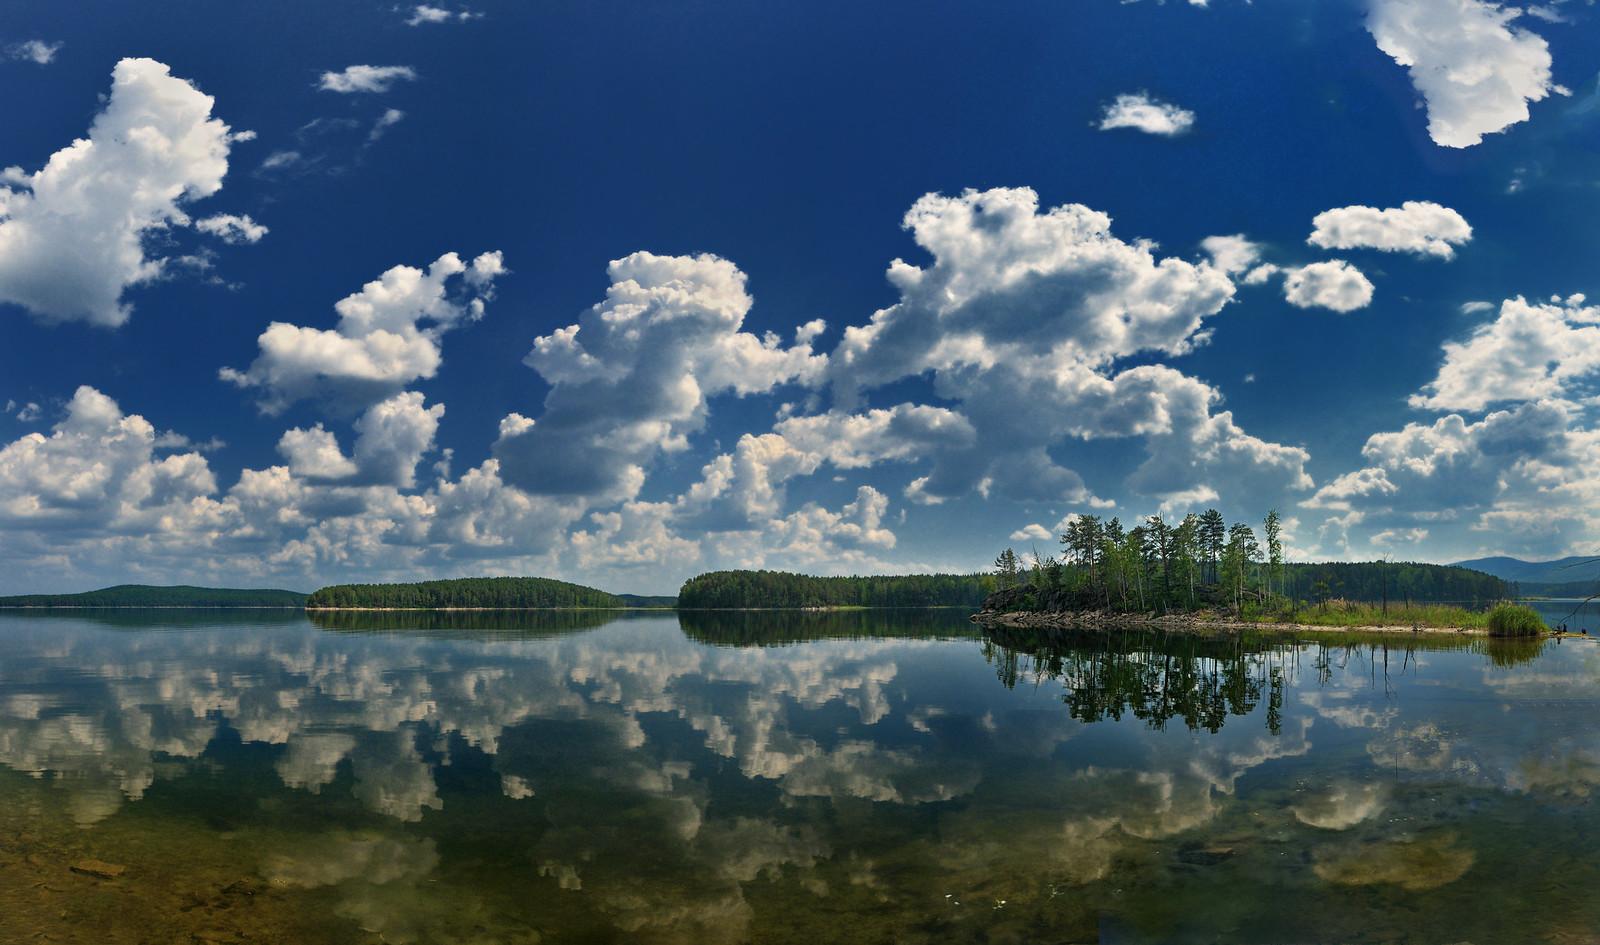 пейзаж озеро с облаками - фотограф Челябинск